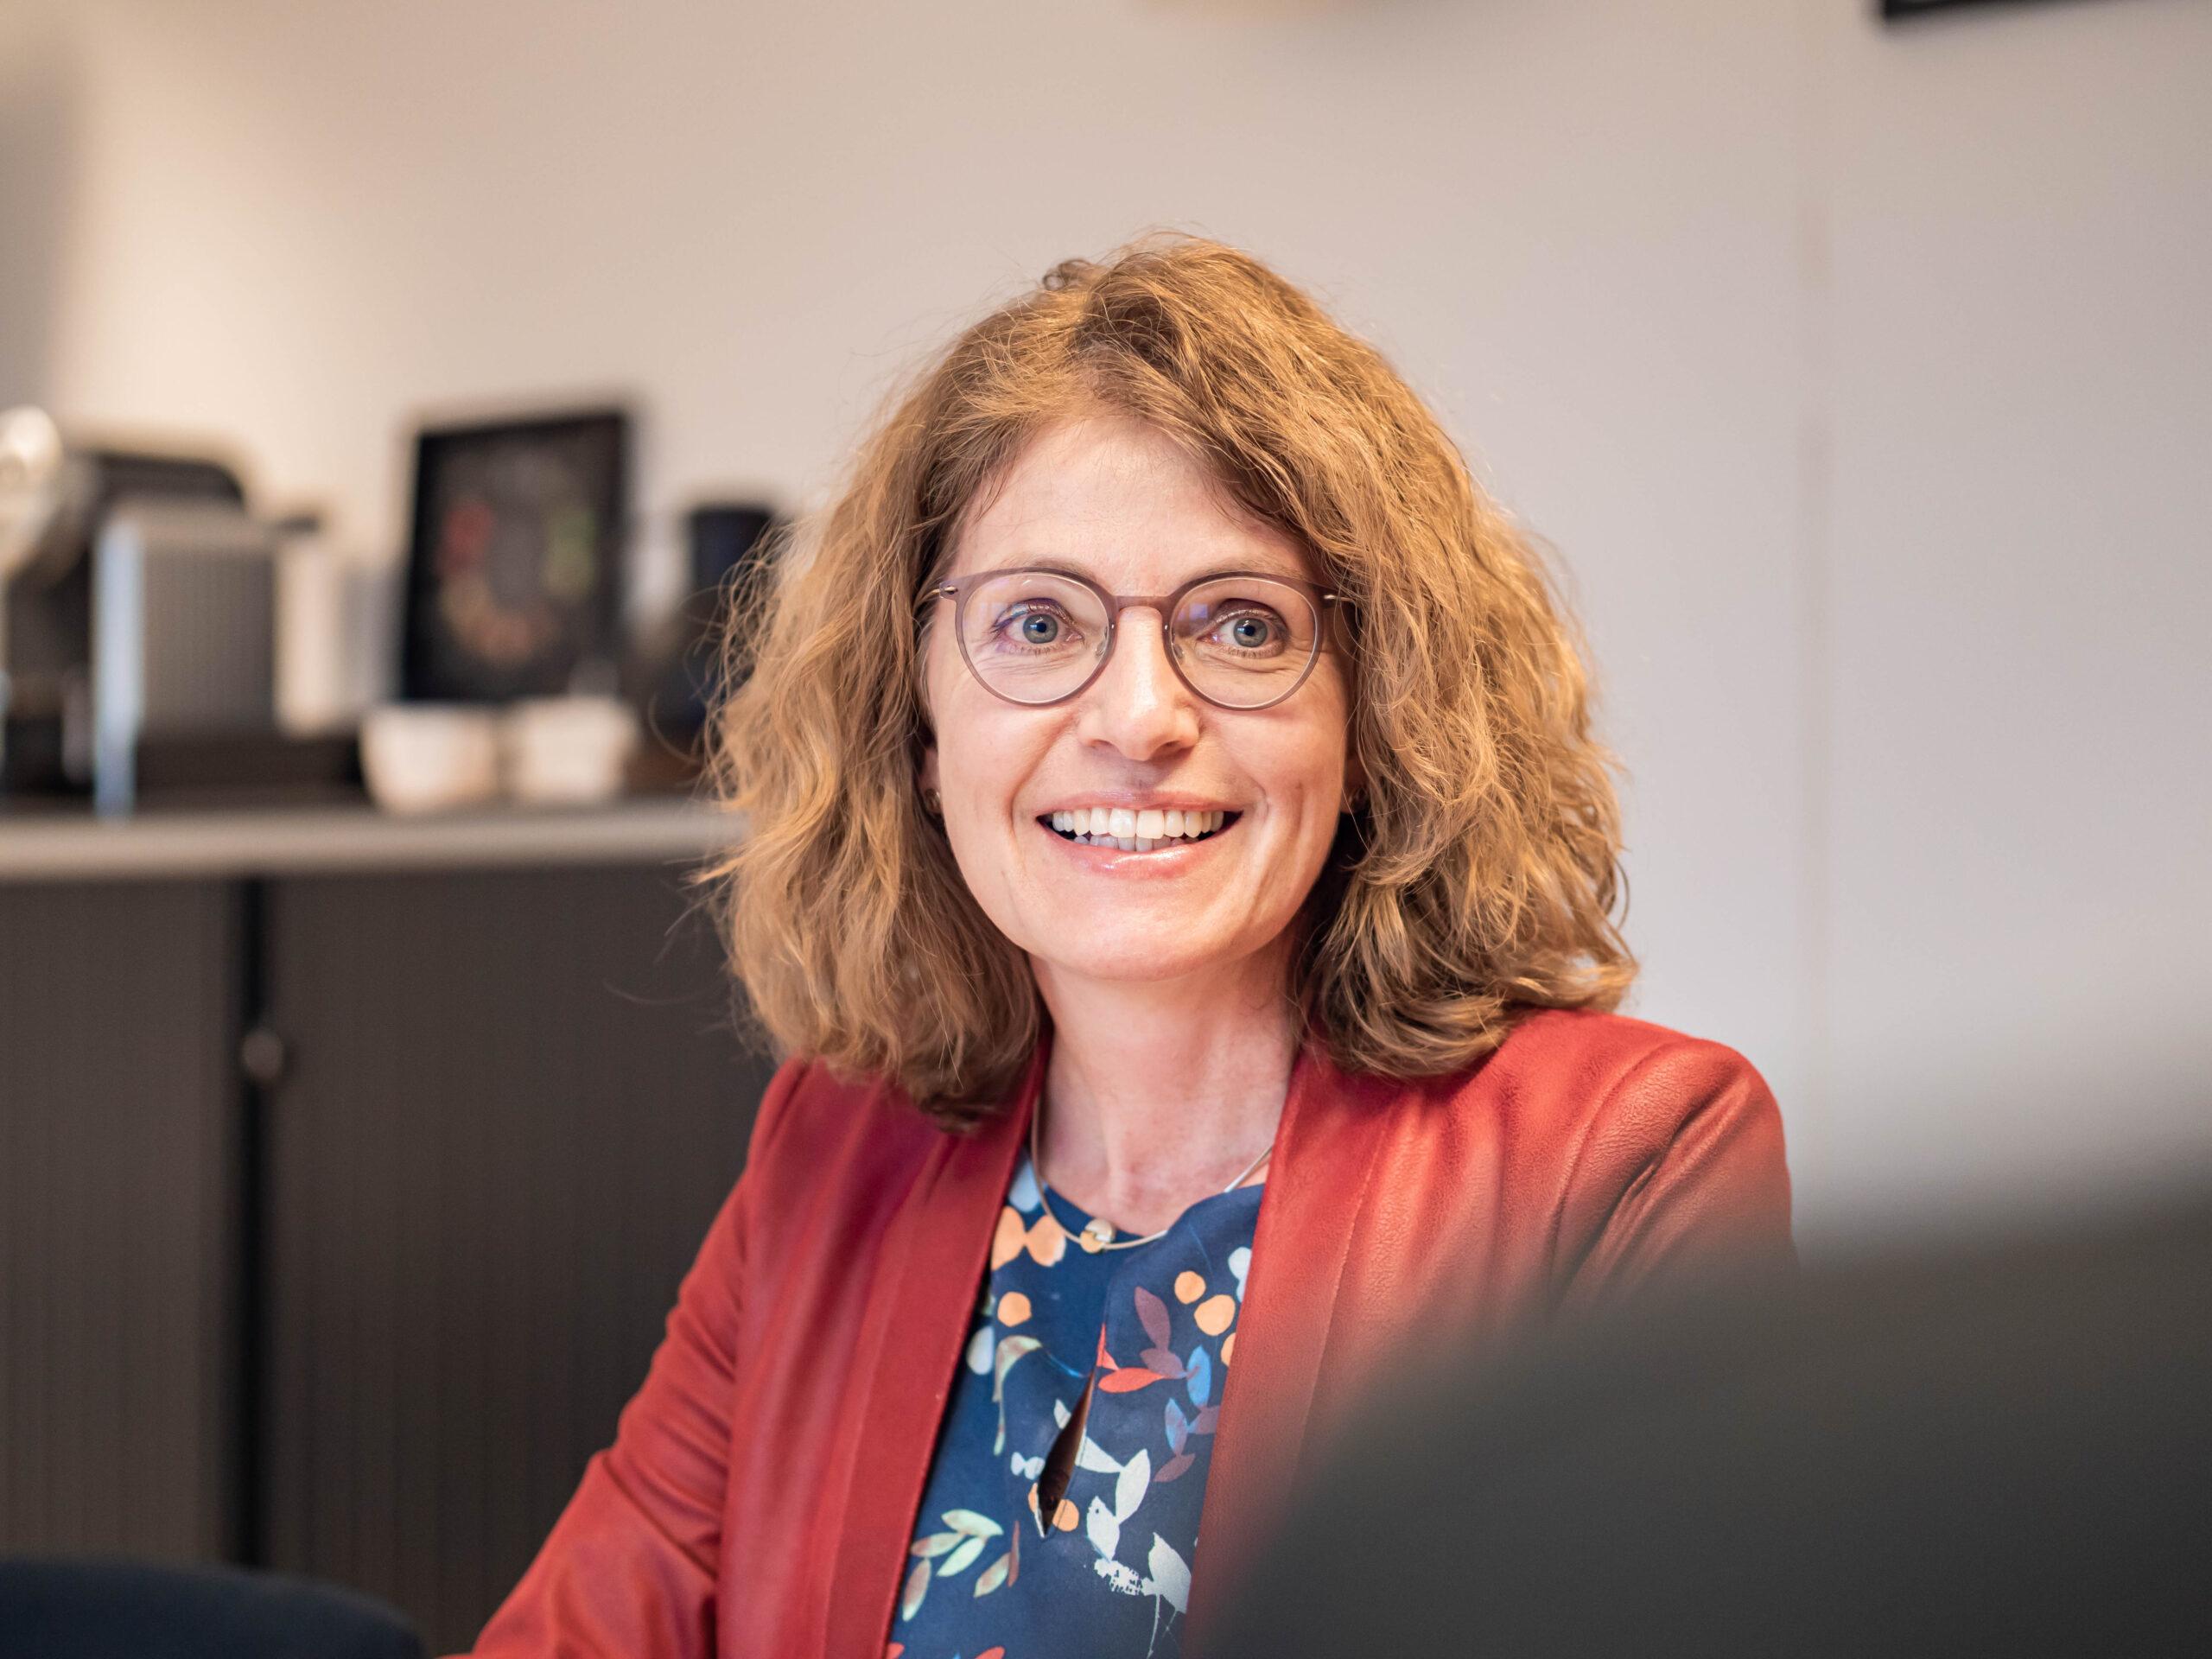 Sigrid                                                    Kohll                                                    - Responsable des relations extérieures